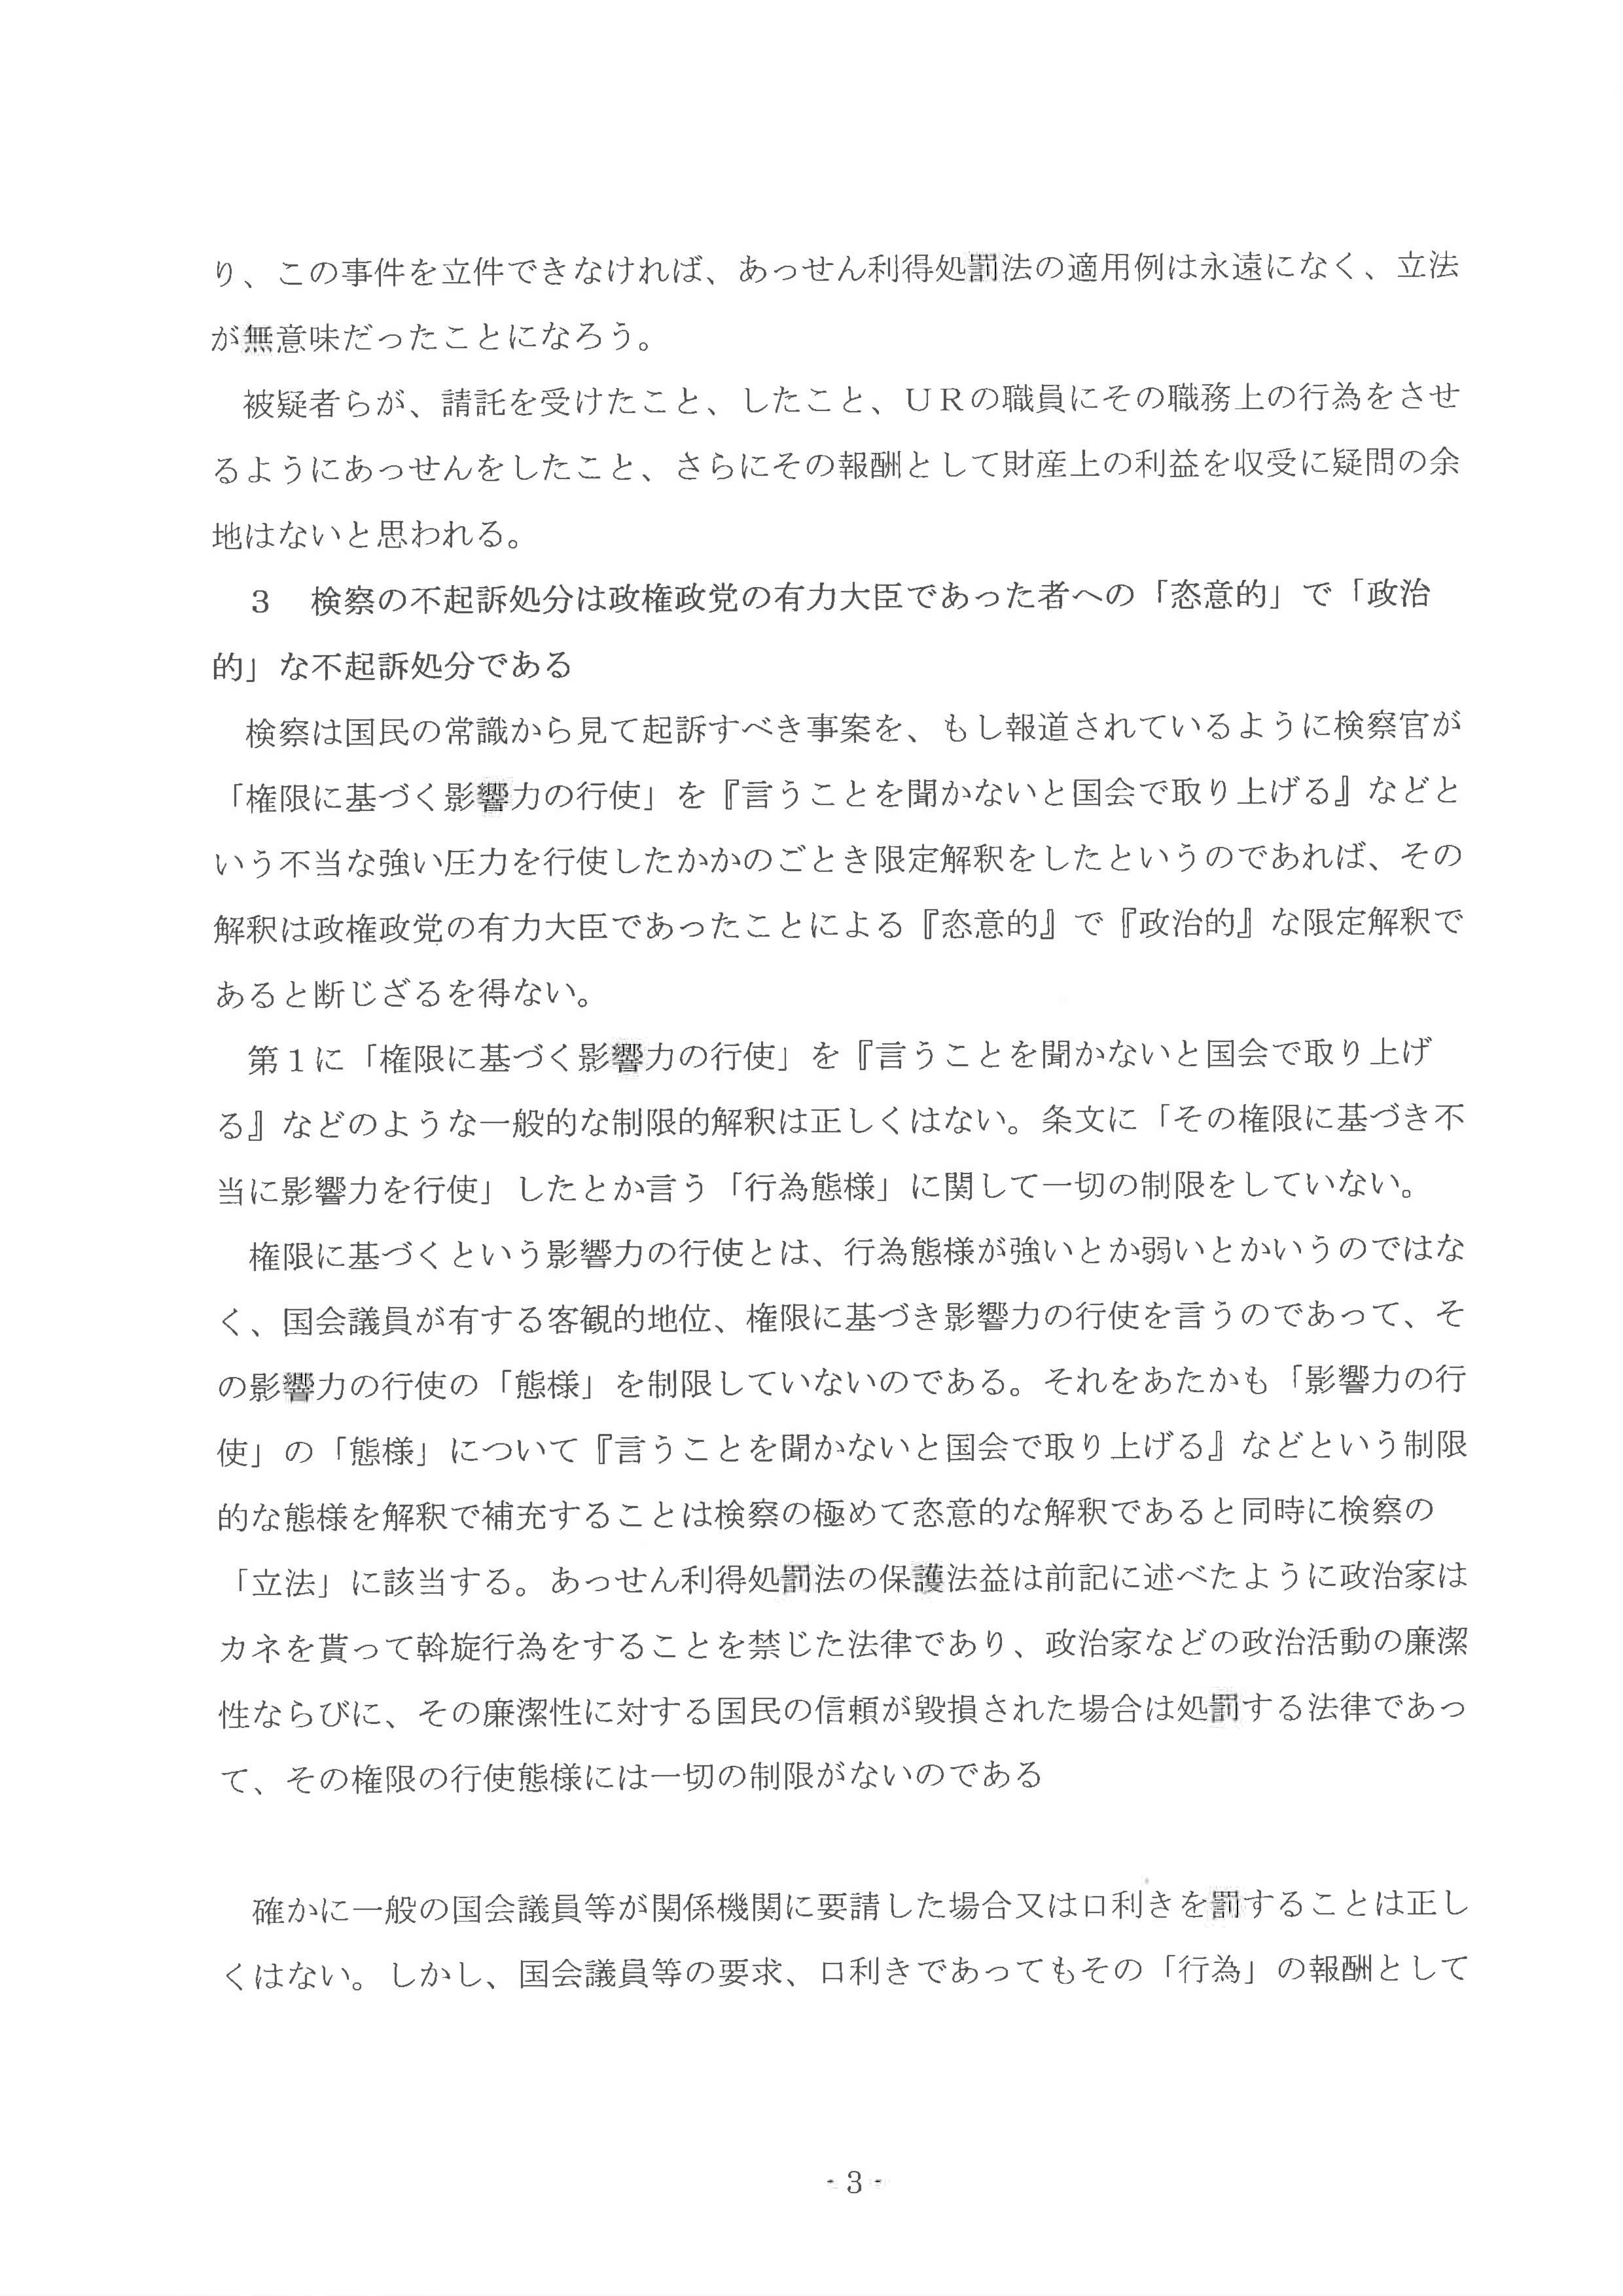 甘利申立書3